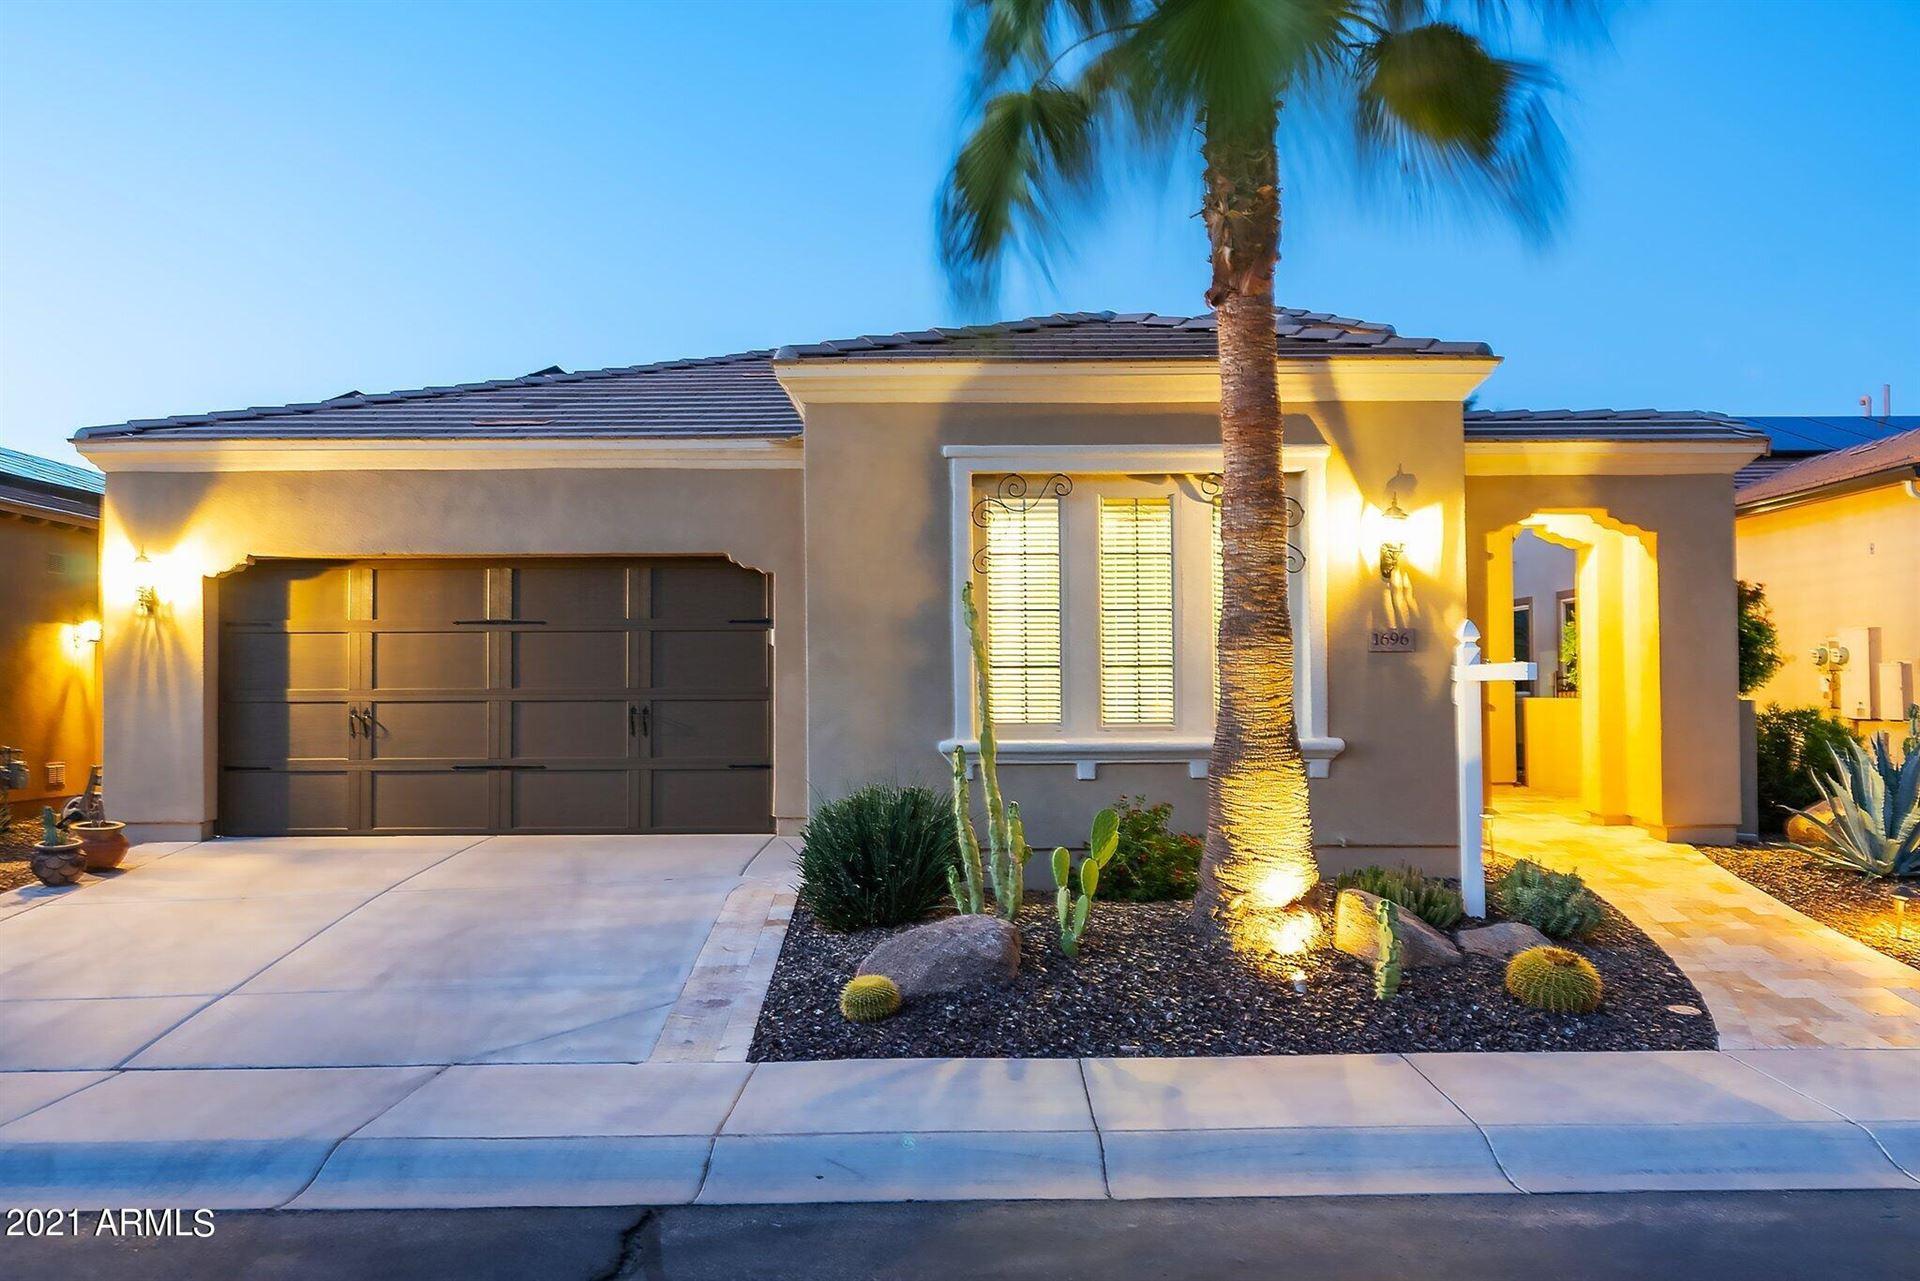 Photo of 1696 E ALEGRIA Road, Queen Creek, AZ 85140 (MLS # 6305221)